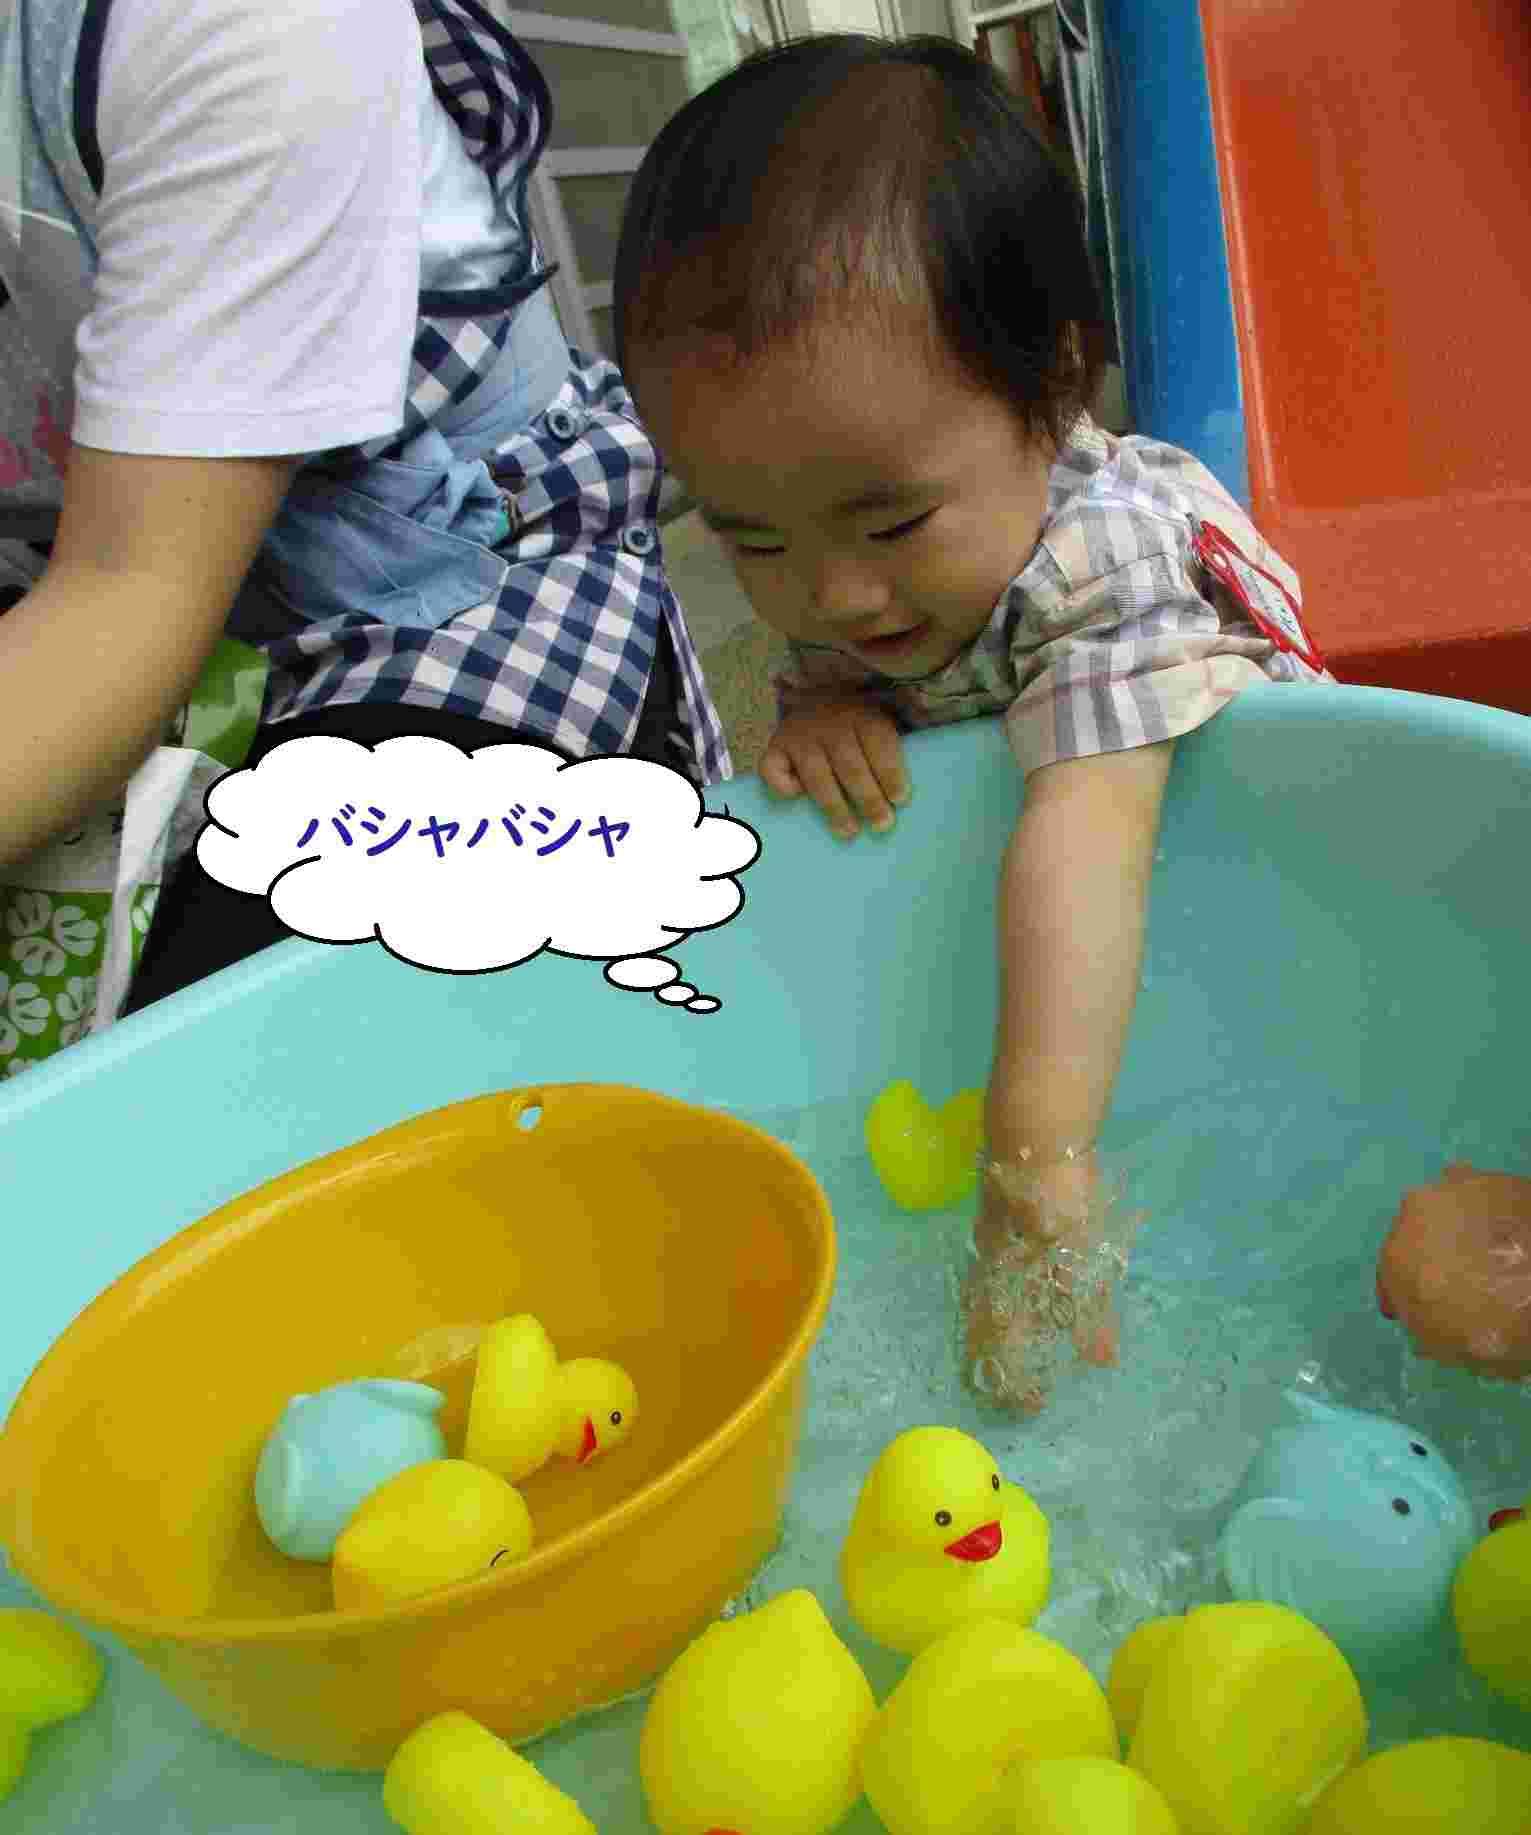 すくいどり 水の中に手をいれて遊ぶ男の子